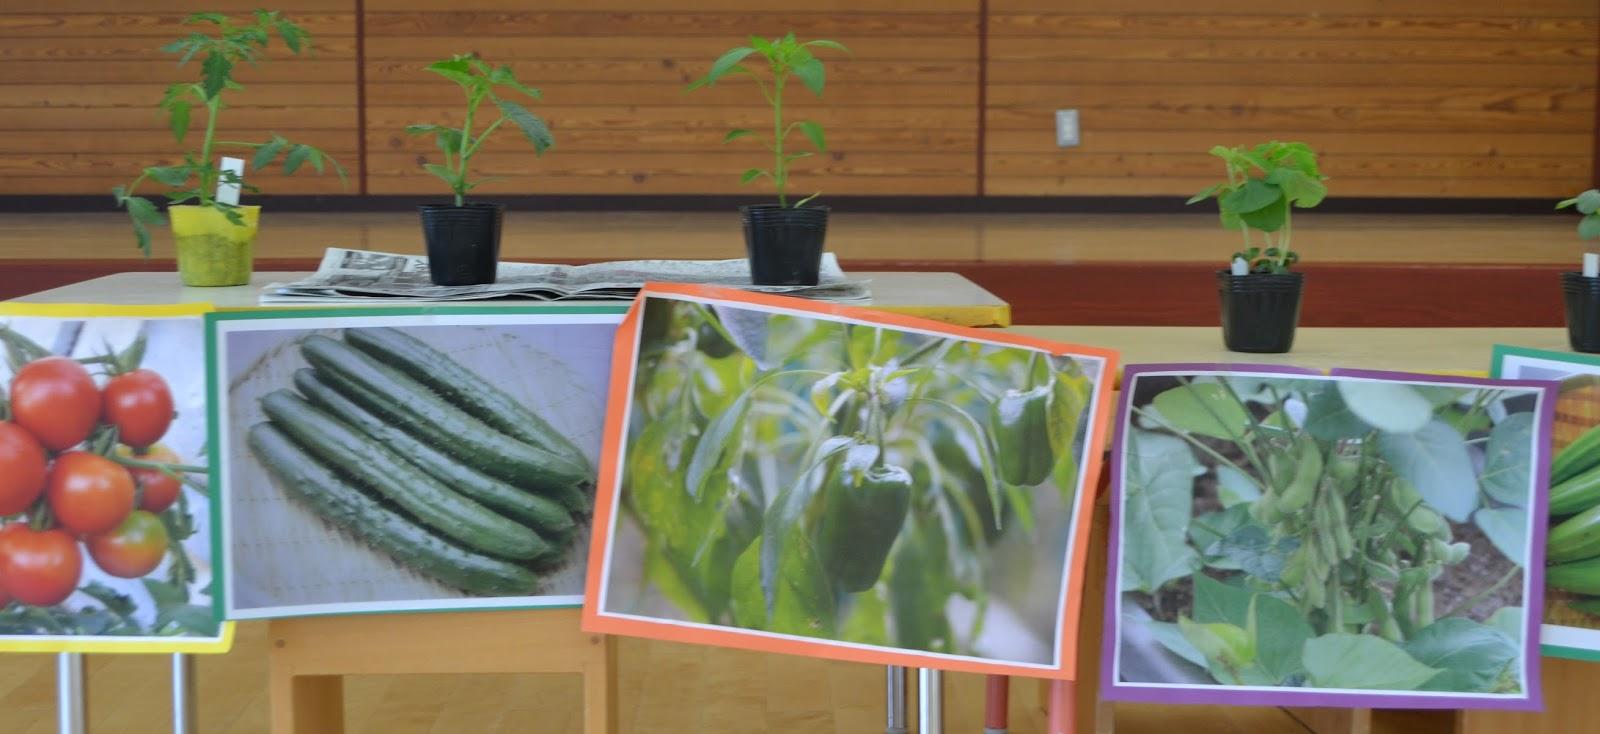 福岡幼稚園News: 2015年5月 花の苗・野菜の苗を植えました!!